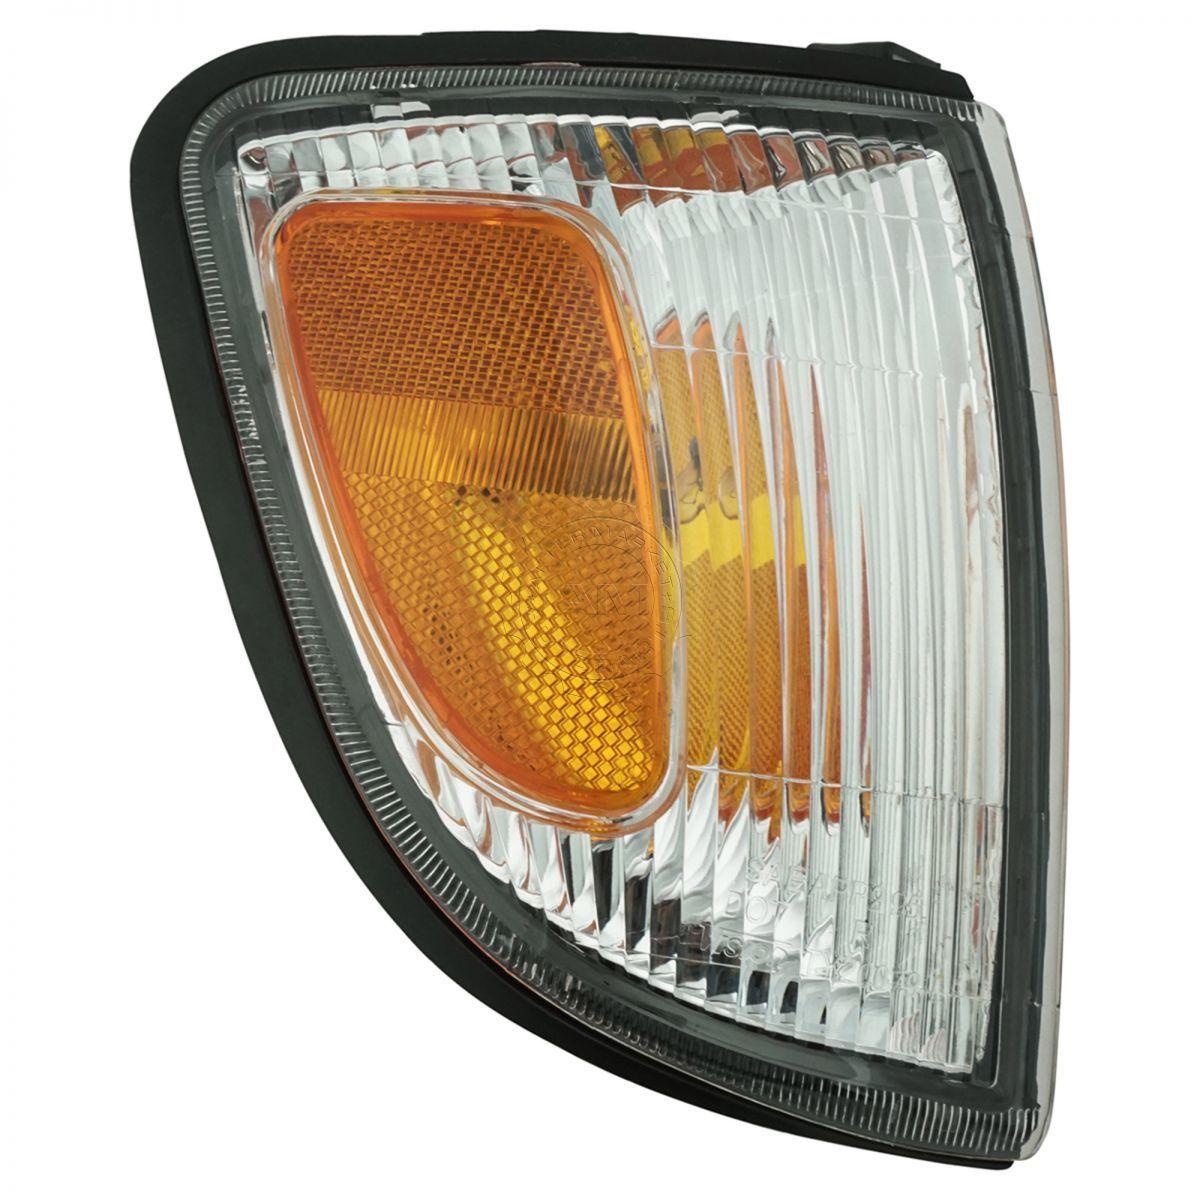 コーナーライト RH Right Corner Parking Marker Signal Directional Light for 97-00 Tacoma 2WD RH右コーナーパーキングマーカ信号方向性ライト97-00タコマ2WD用